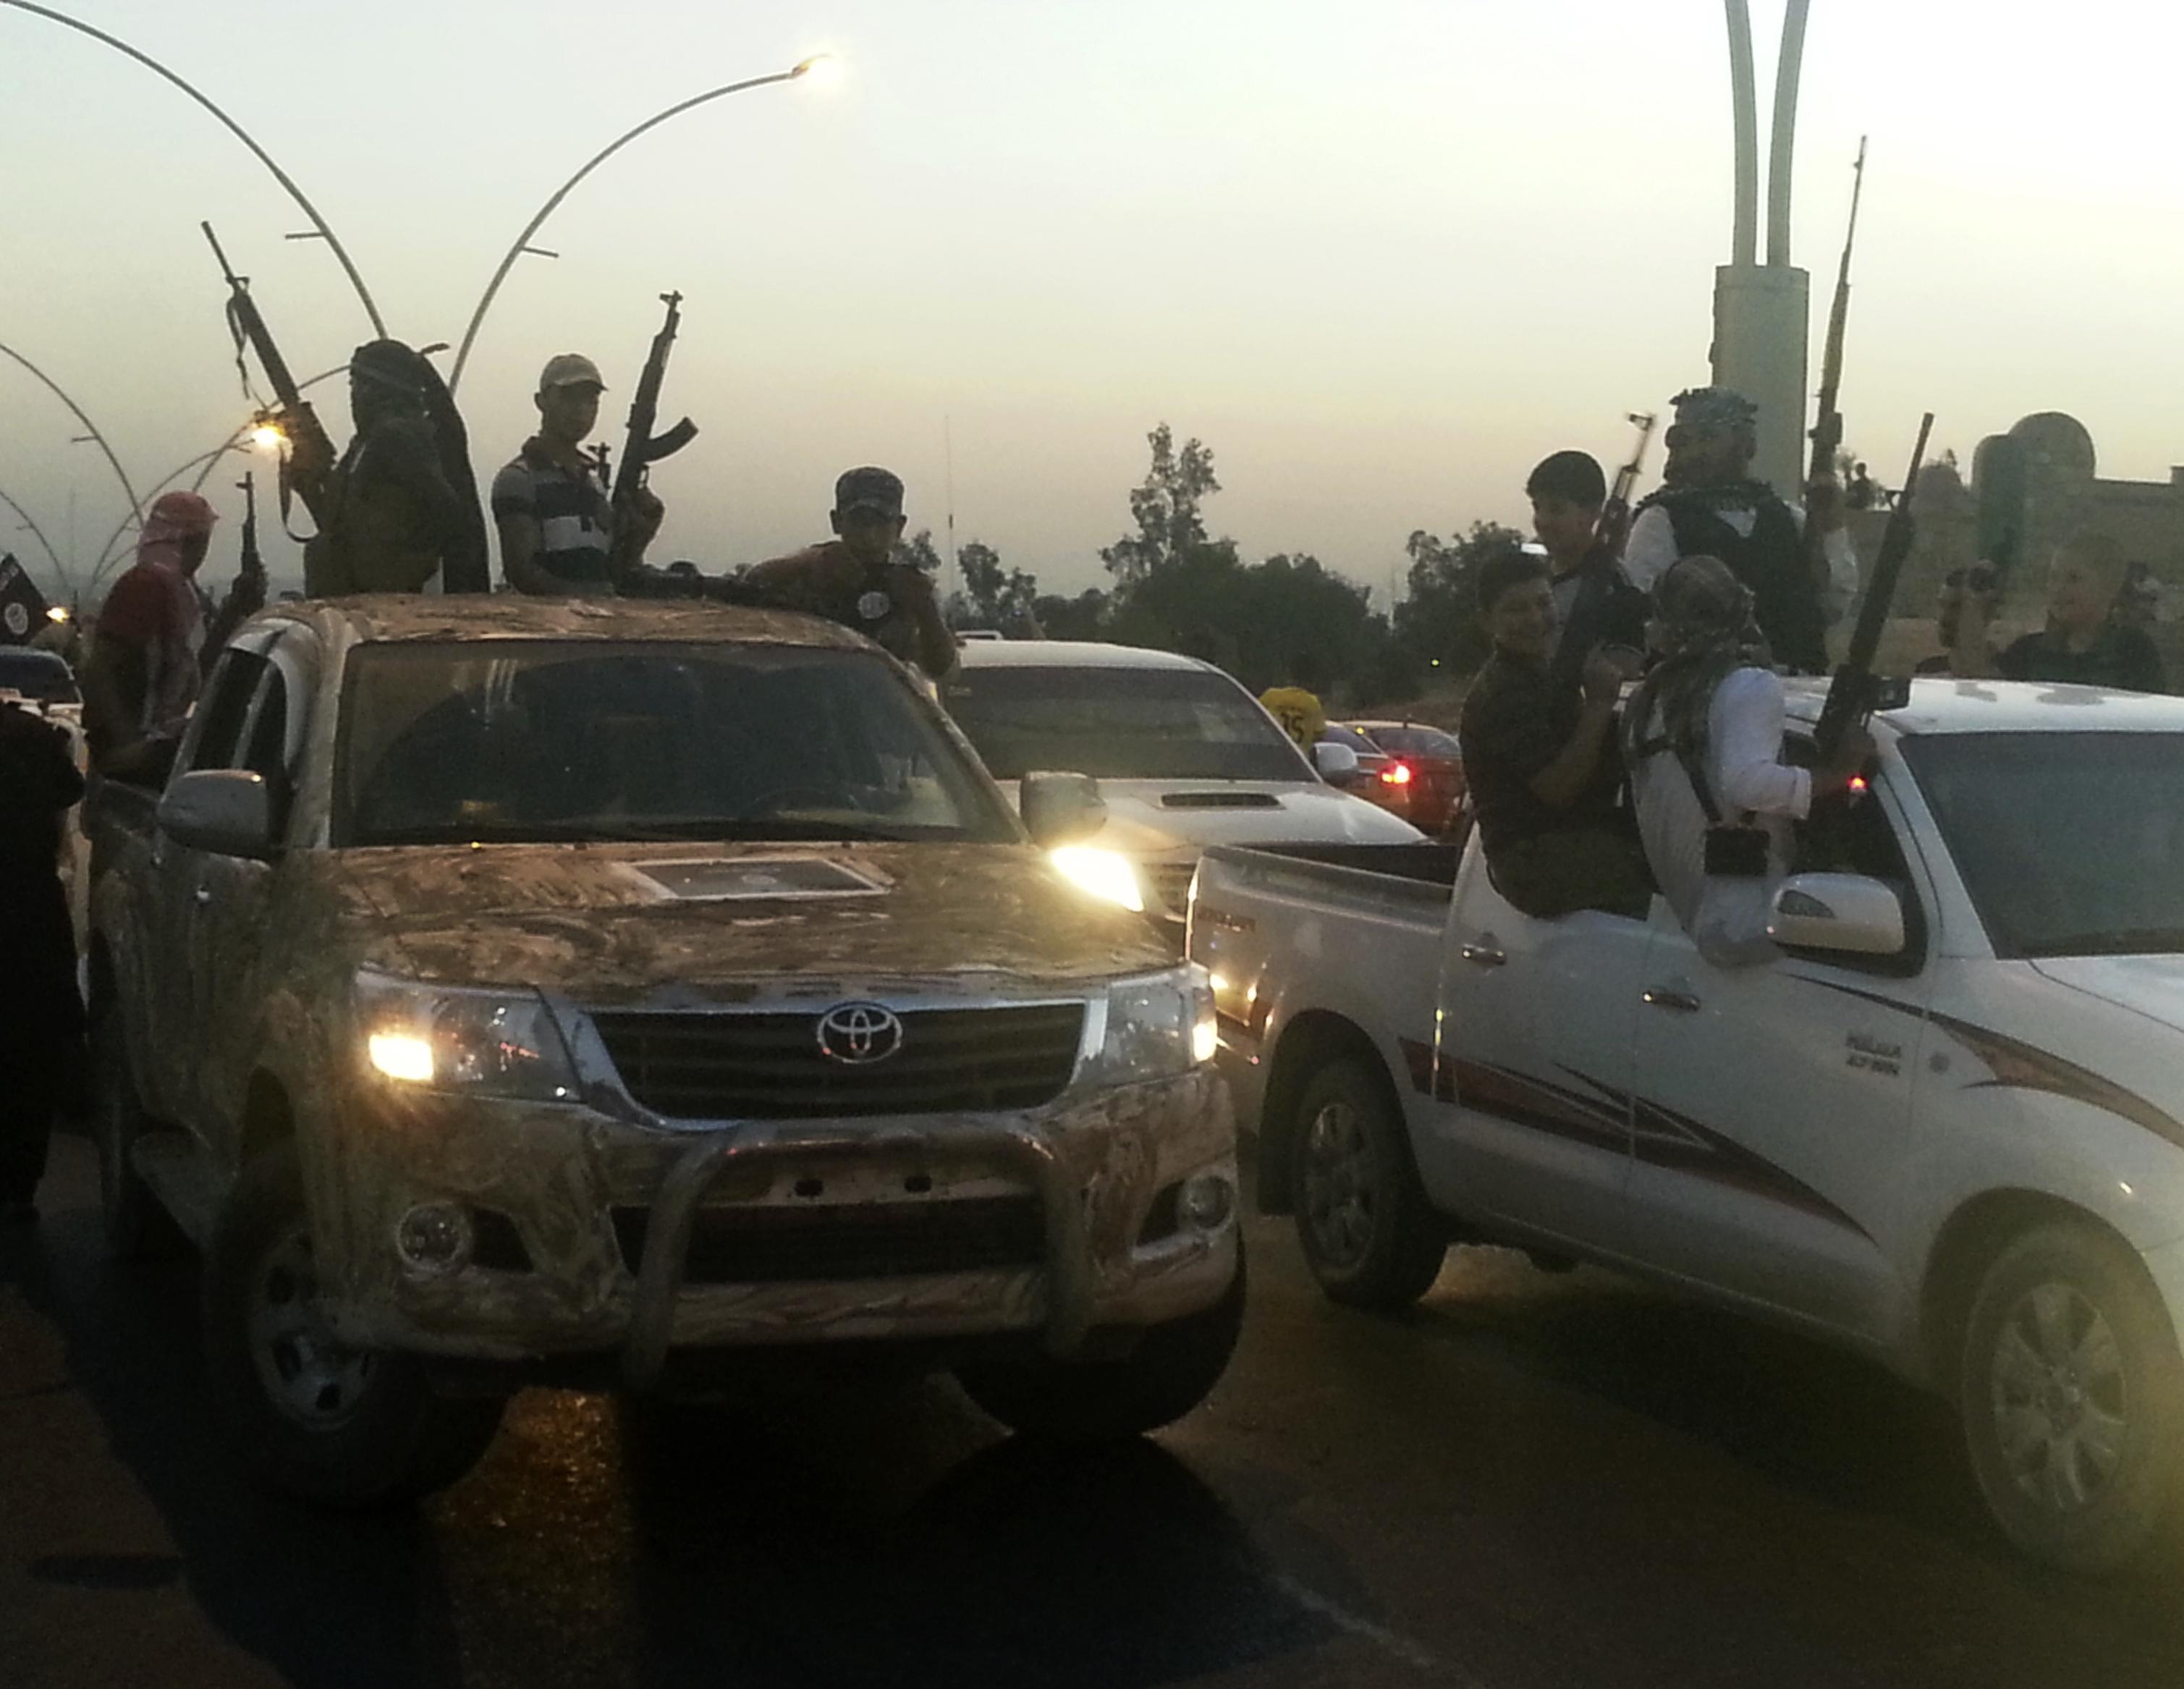 عناصر داعش يتجولون بسياراتهم في شوارع مدينة الموصل